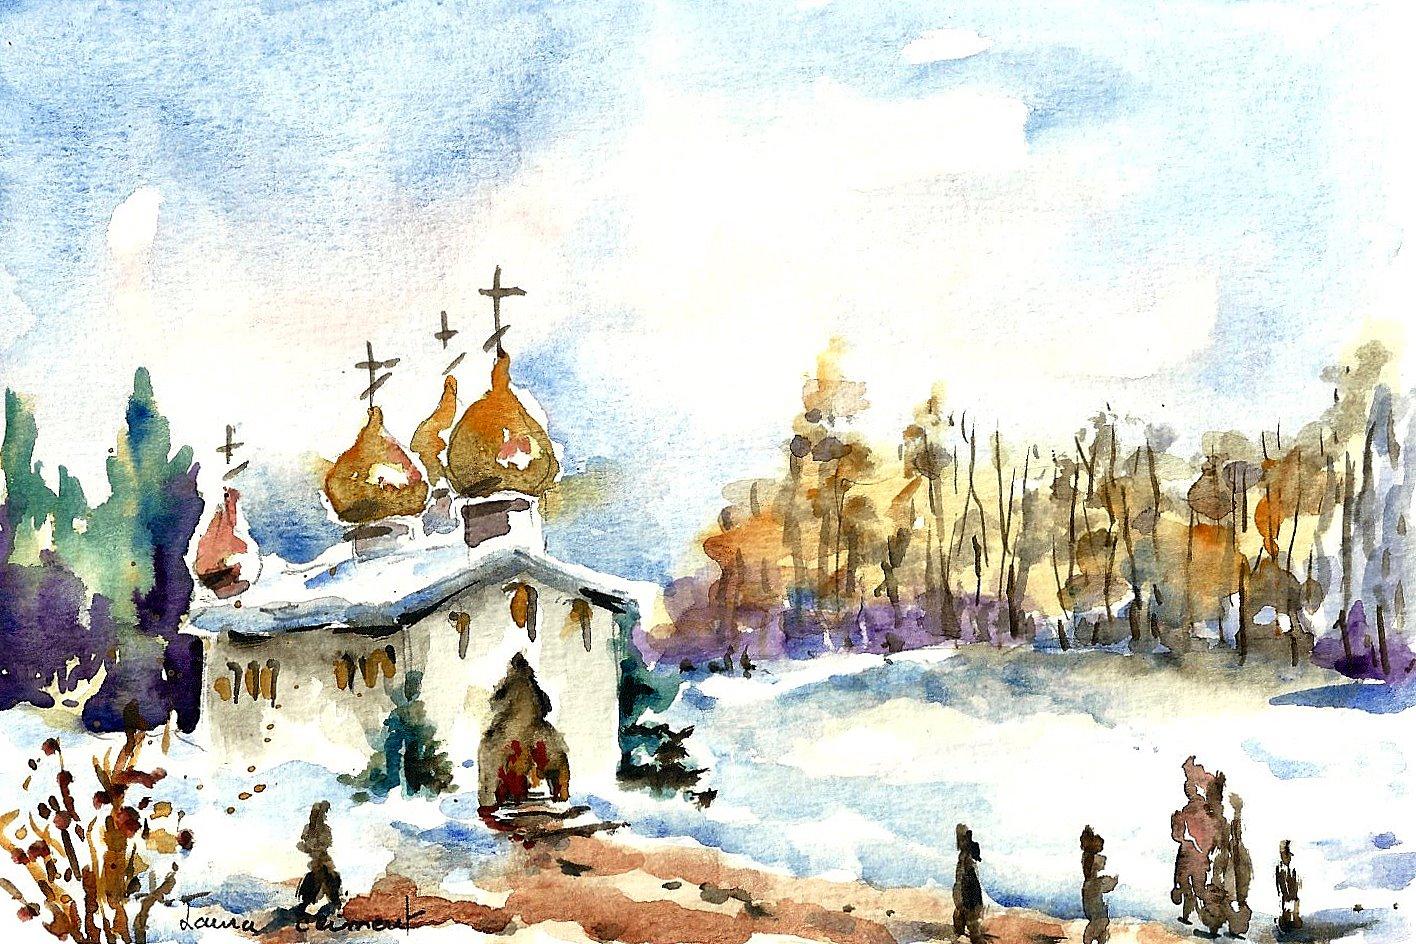 Laura climent painter paisajes nevados - Paisaje nevado navidad ...